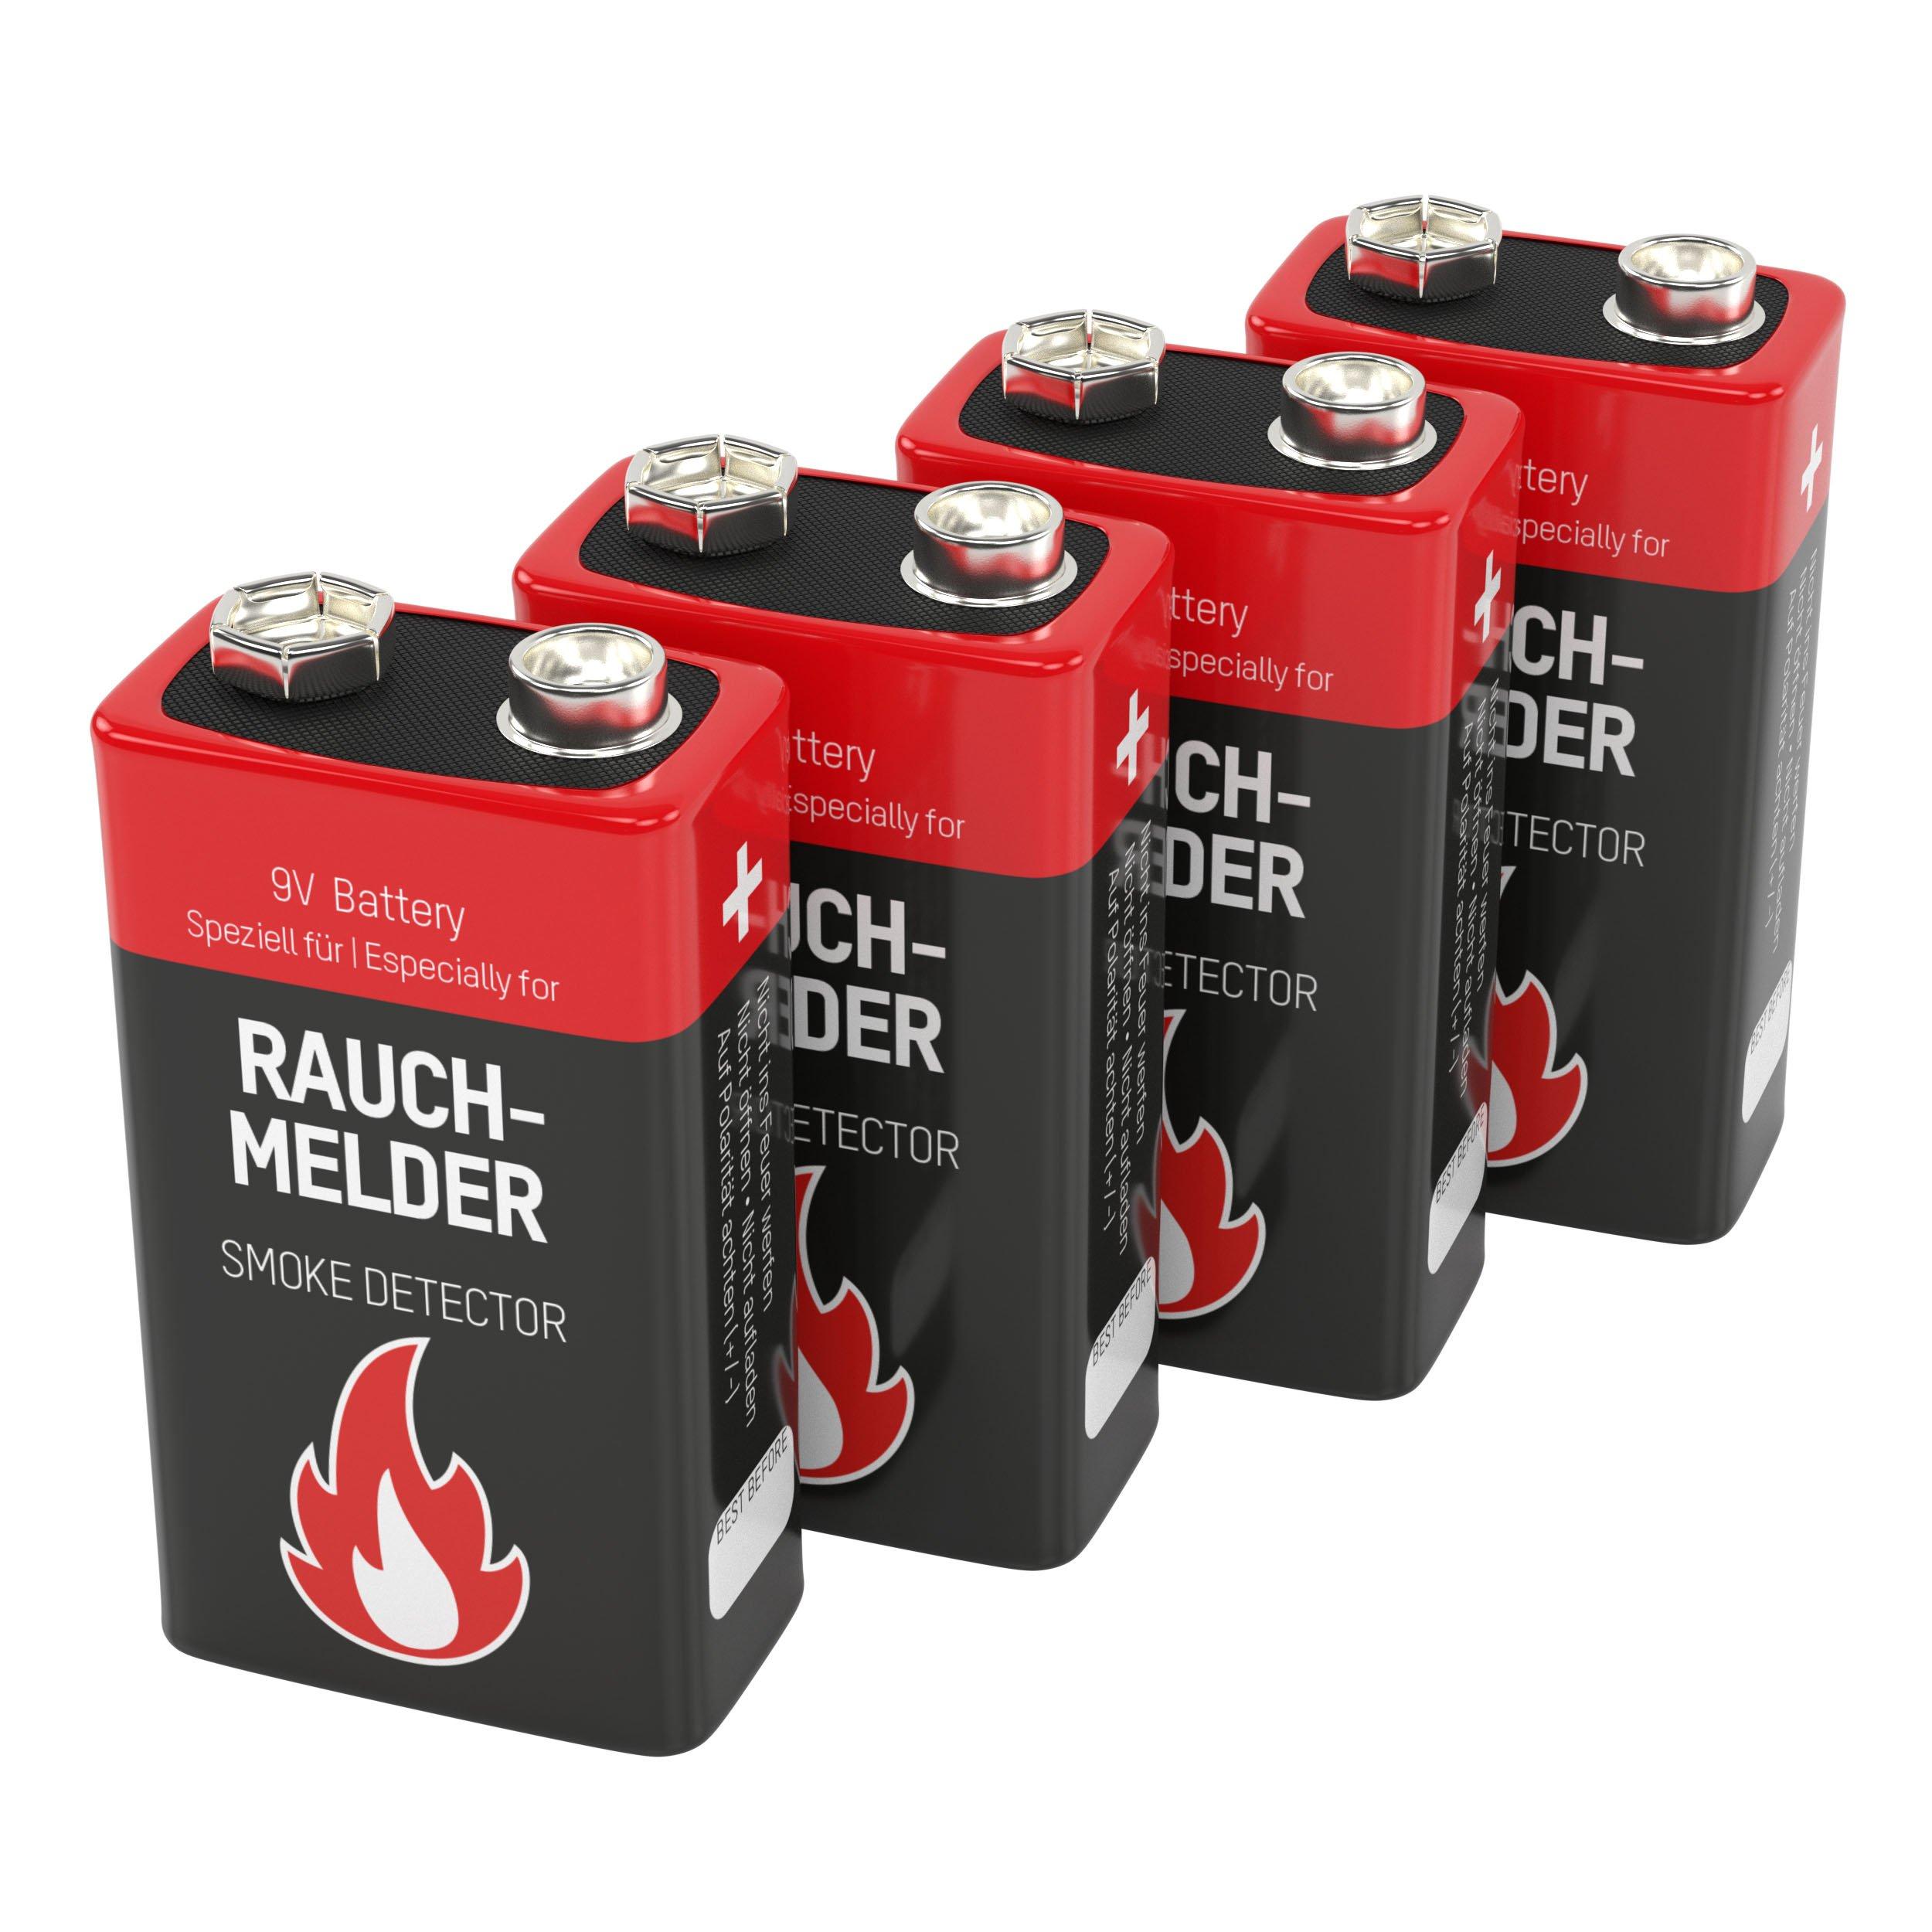 Ansmann 9V Alkaline Battery for Smoke Detectors Battery, Red, 4-Pack (1515-0006-590)